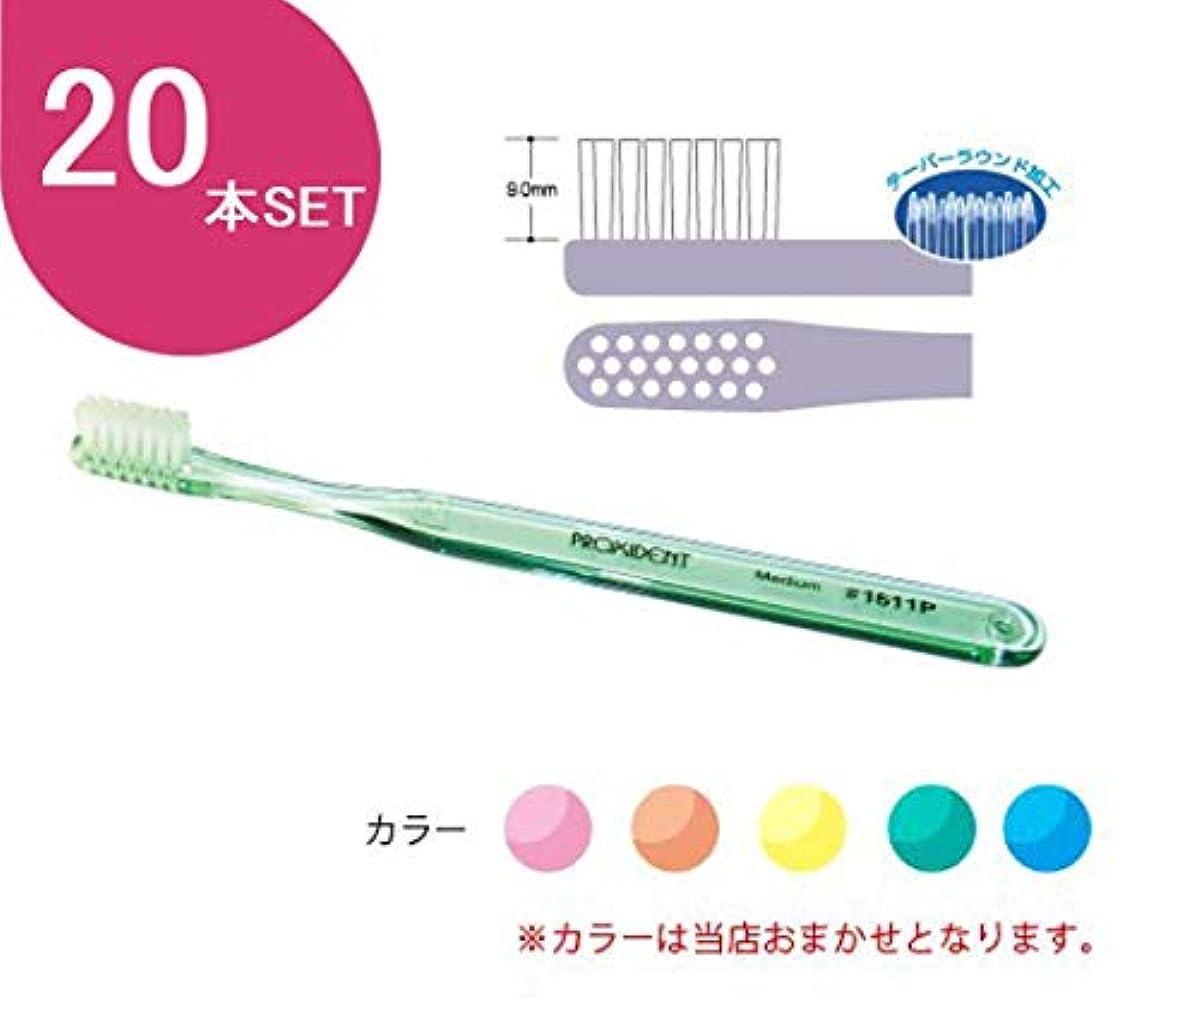 自信があるまた明日ねスクランブルプローデント プロキシデント #1611P 歯ブラシ 20本入